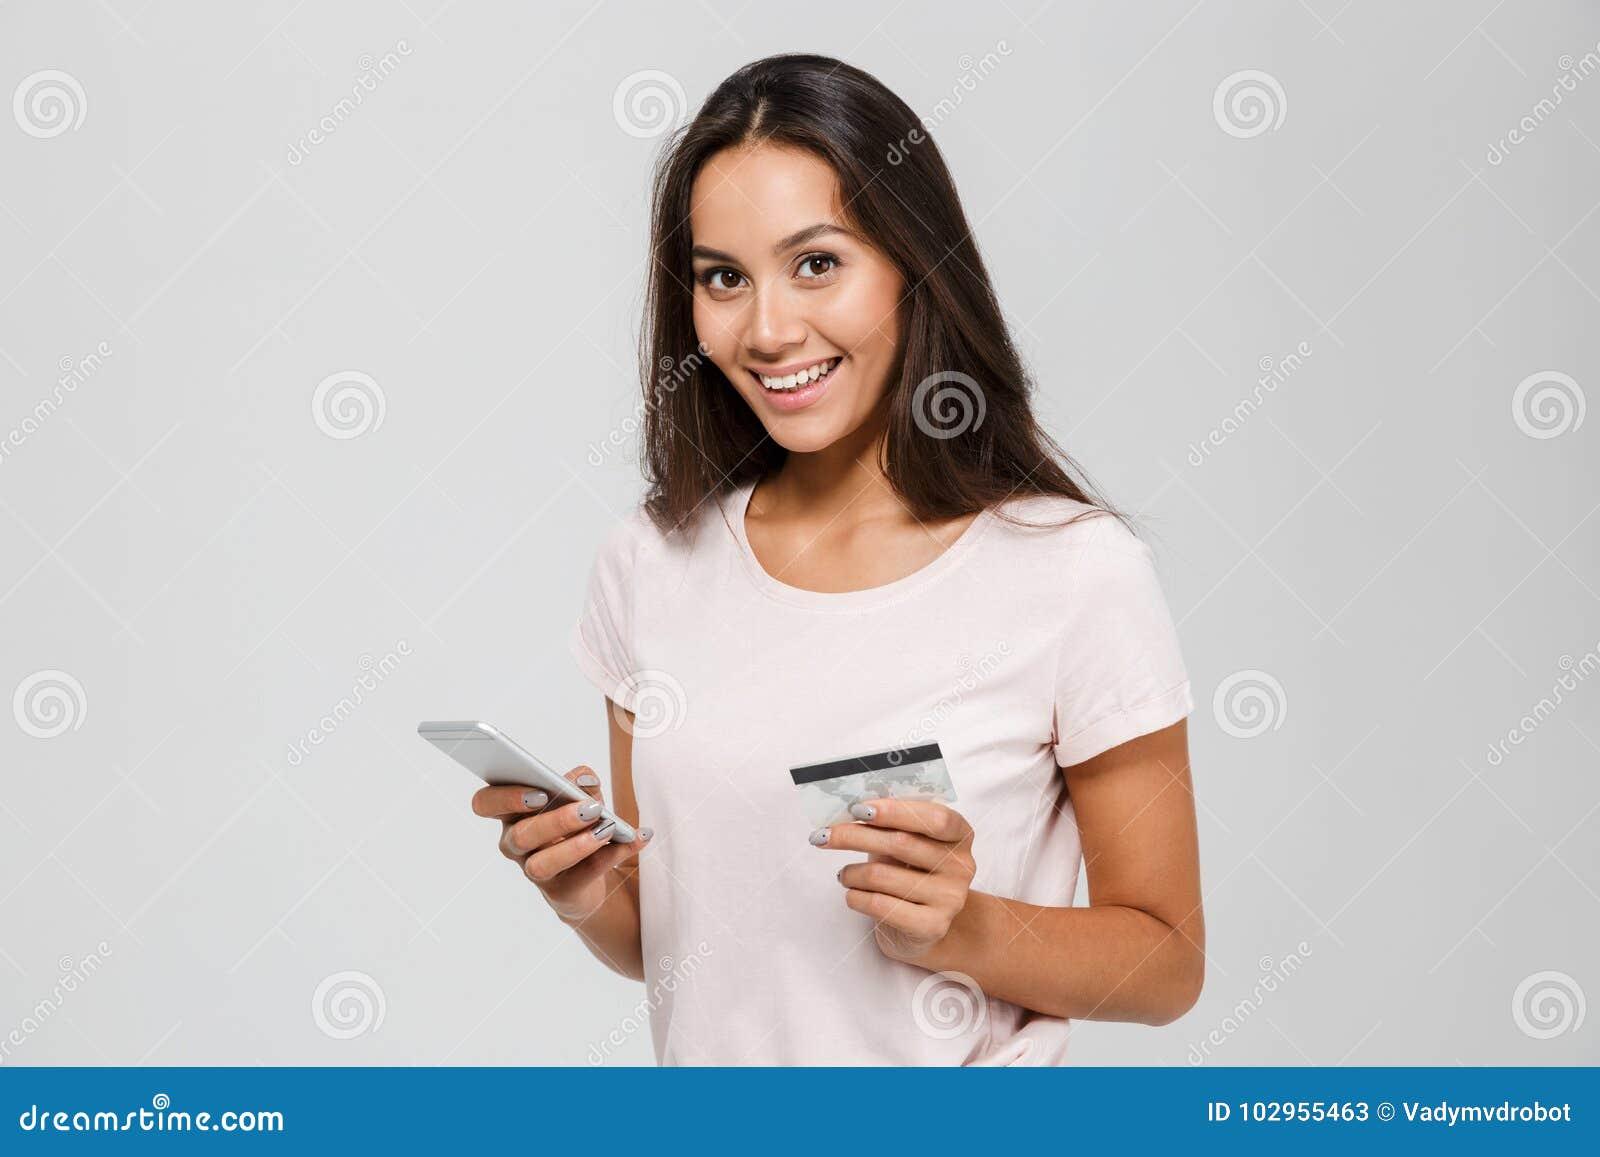 Πορτρέτο μιας πιστωτικής κάρτας εκμετάλλευσης γυναικών χαμόγελου ευτυχούς ασιατικής